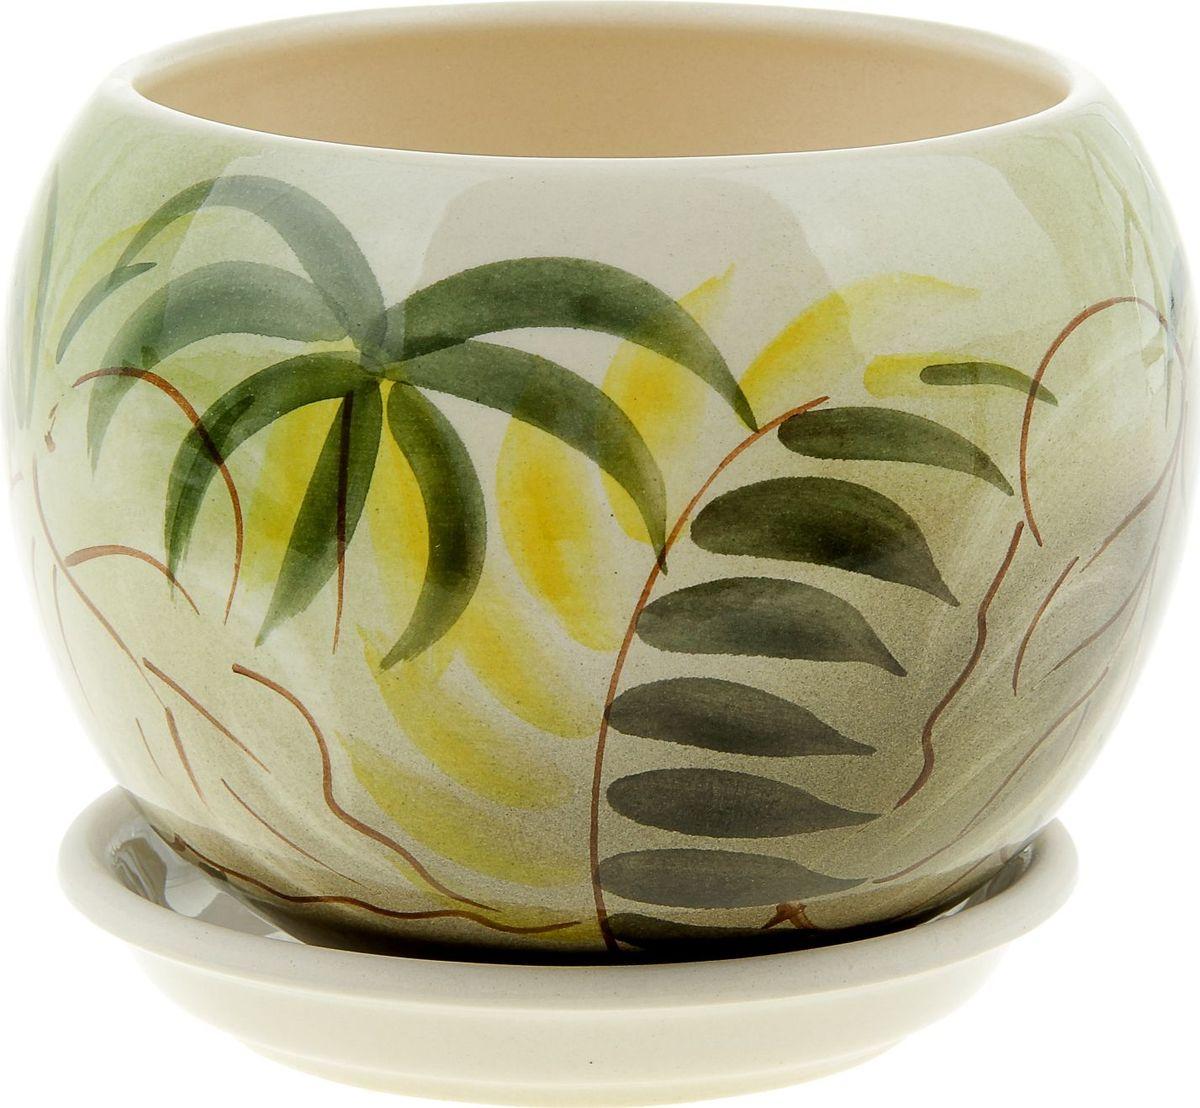 Кашпо Керамика ручной работы Шар. Баунти, 1,4 л835638Комнатные растения — всеобщие любимцы. Они радуют глаз, насыщают помещение кислородом и украшают пространство. Каждому из них необходим свой удобный и красивый дом. Кашпо из керамики прекрасно подходят для высадки растений: за счет пластичности глины и разных способов обработки существует великое множество форм и дизайнов пористый материал позволяет испаряться лишней влаге воздух, необходимый для дыхания корней, проникает сквозь керамические стенки! позаботится о зеленом питомце, освежит интерьер и подчеркнет его стиль.